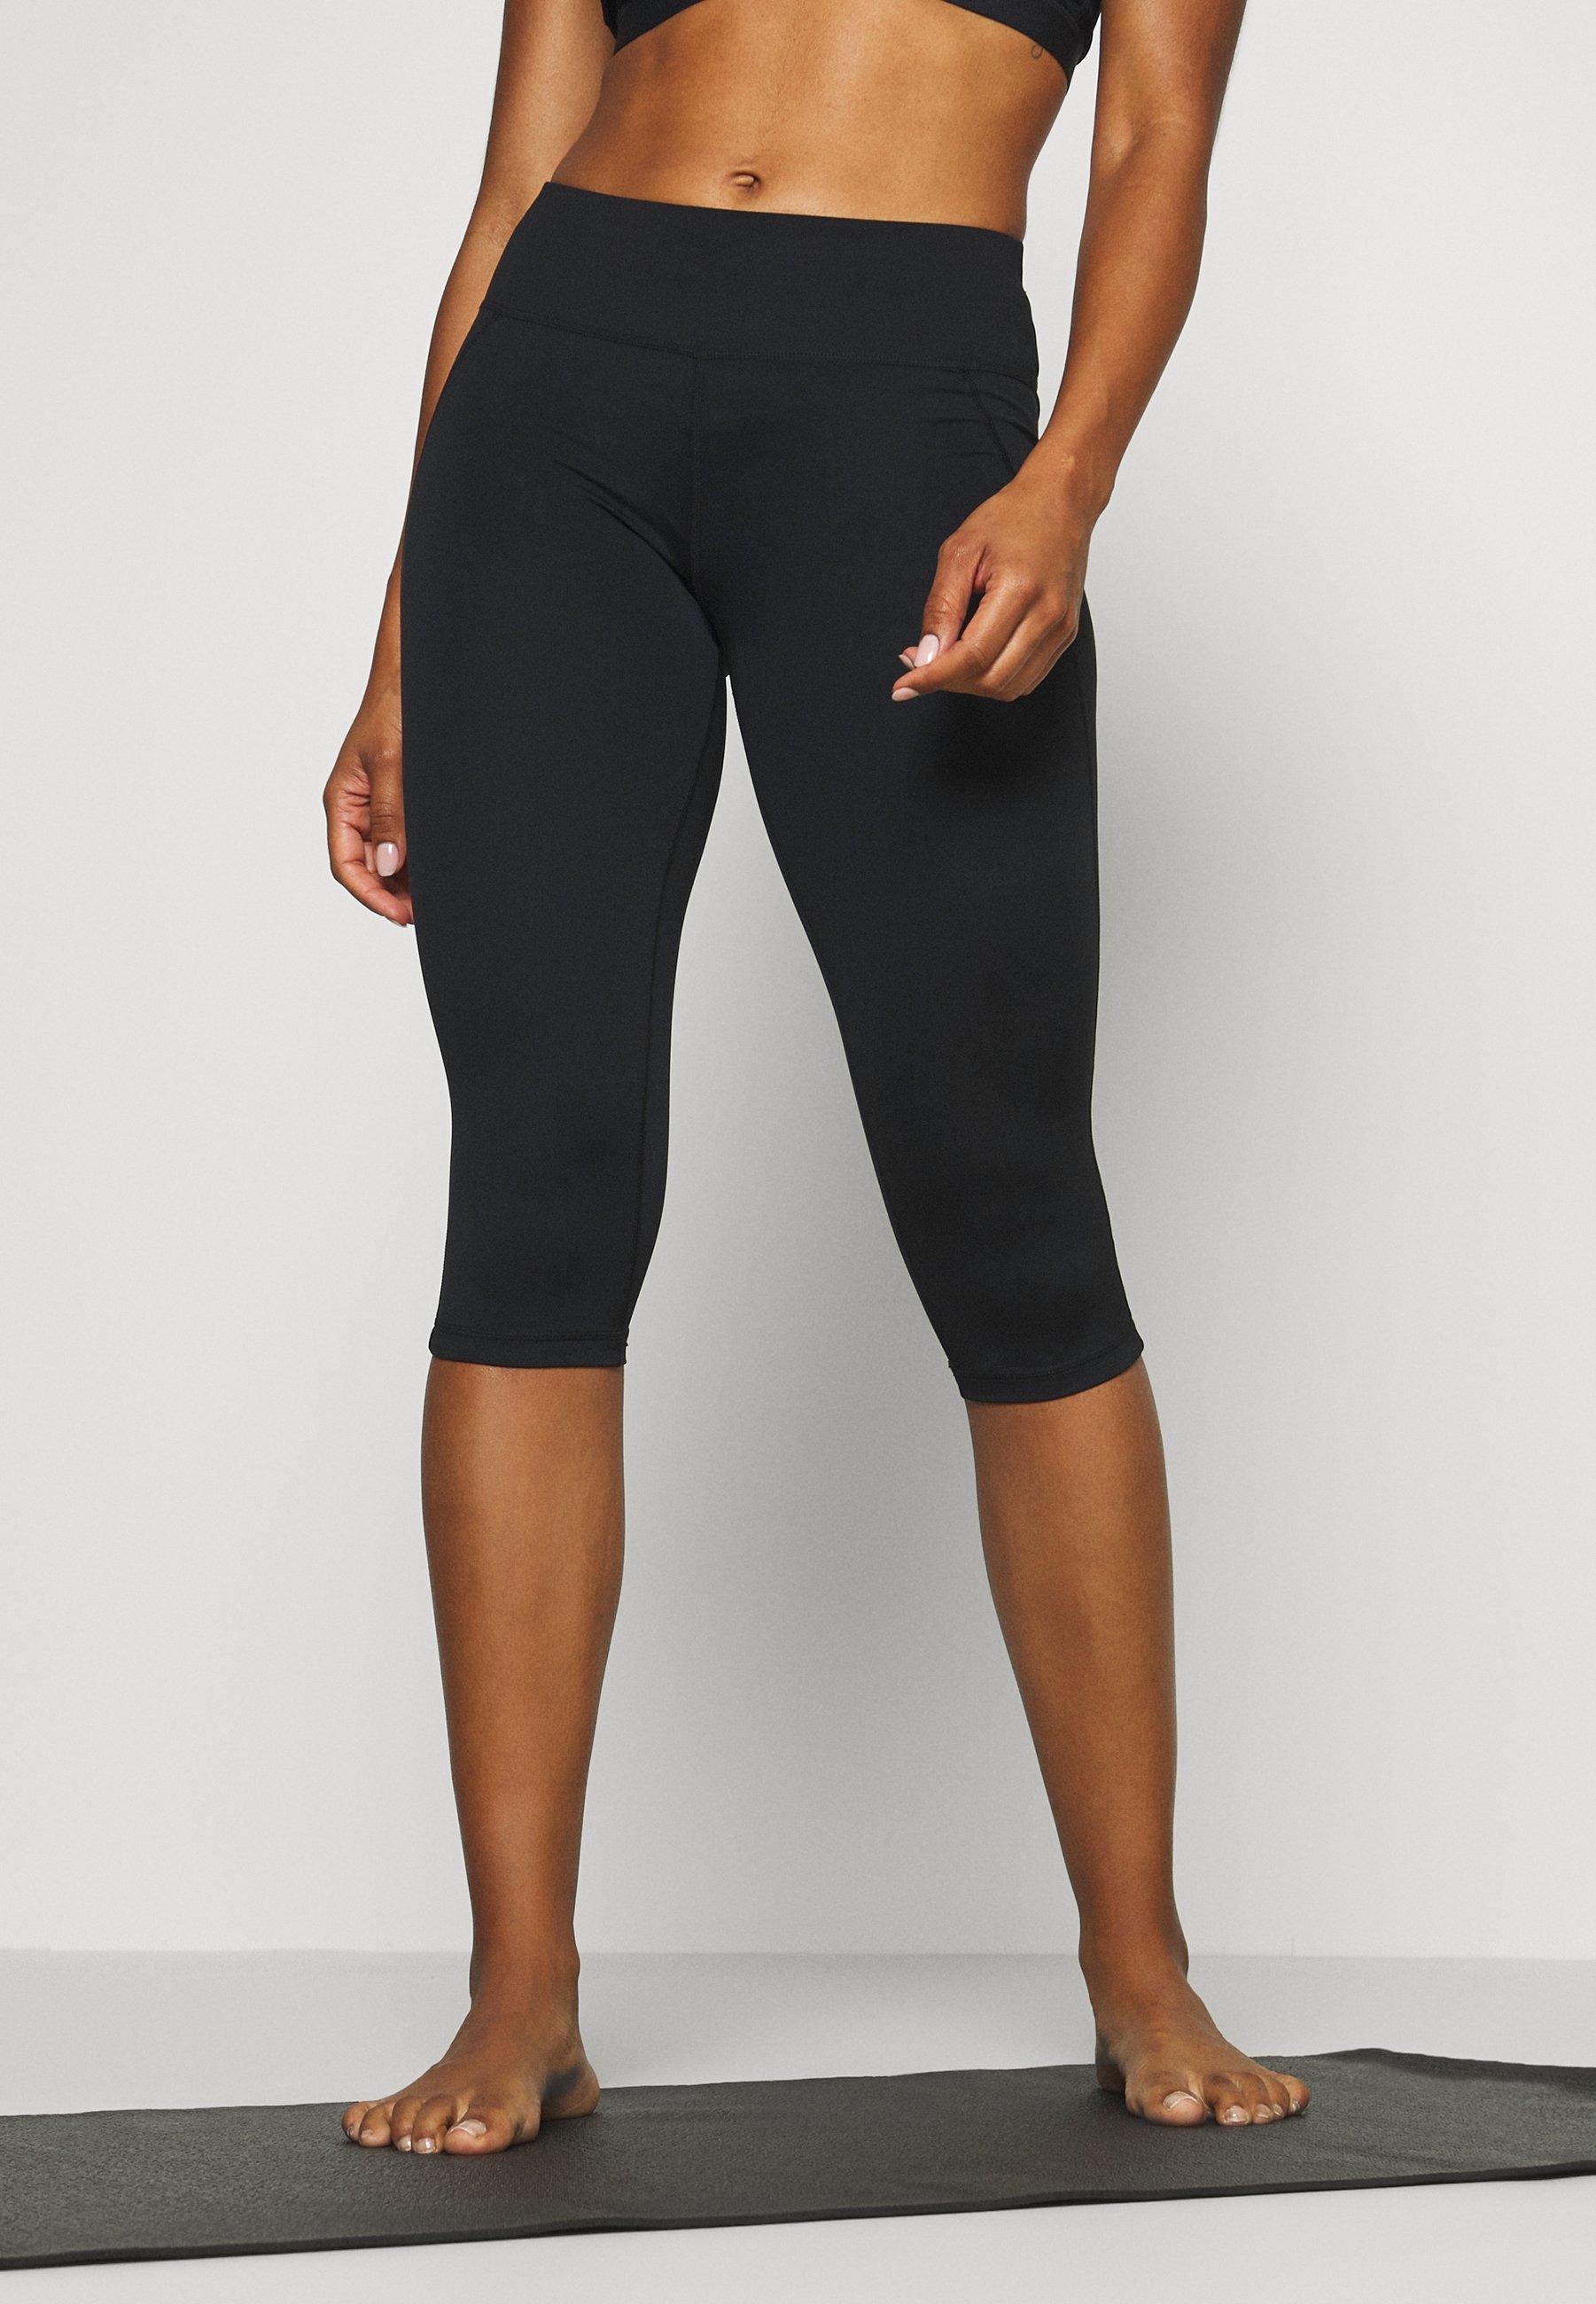 Femme CONTOUR CAPRI WORKOUT LEGGINGS - Pantalon 3/4 de sport